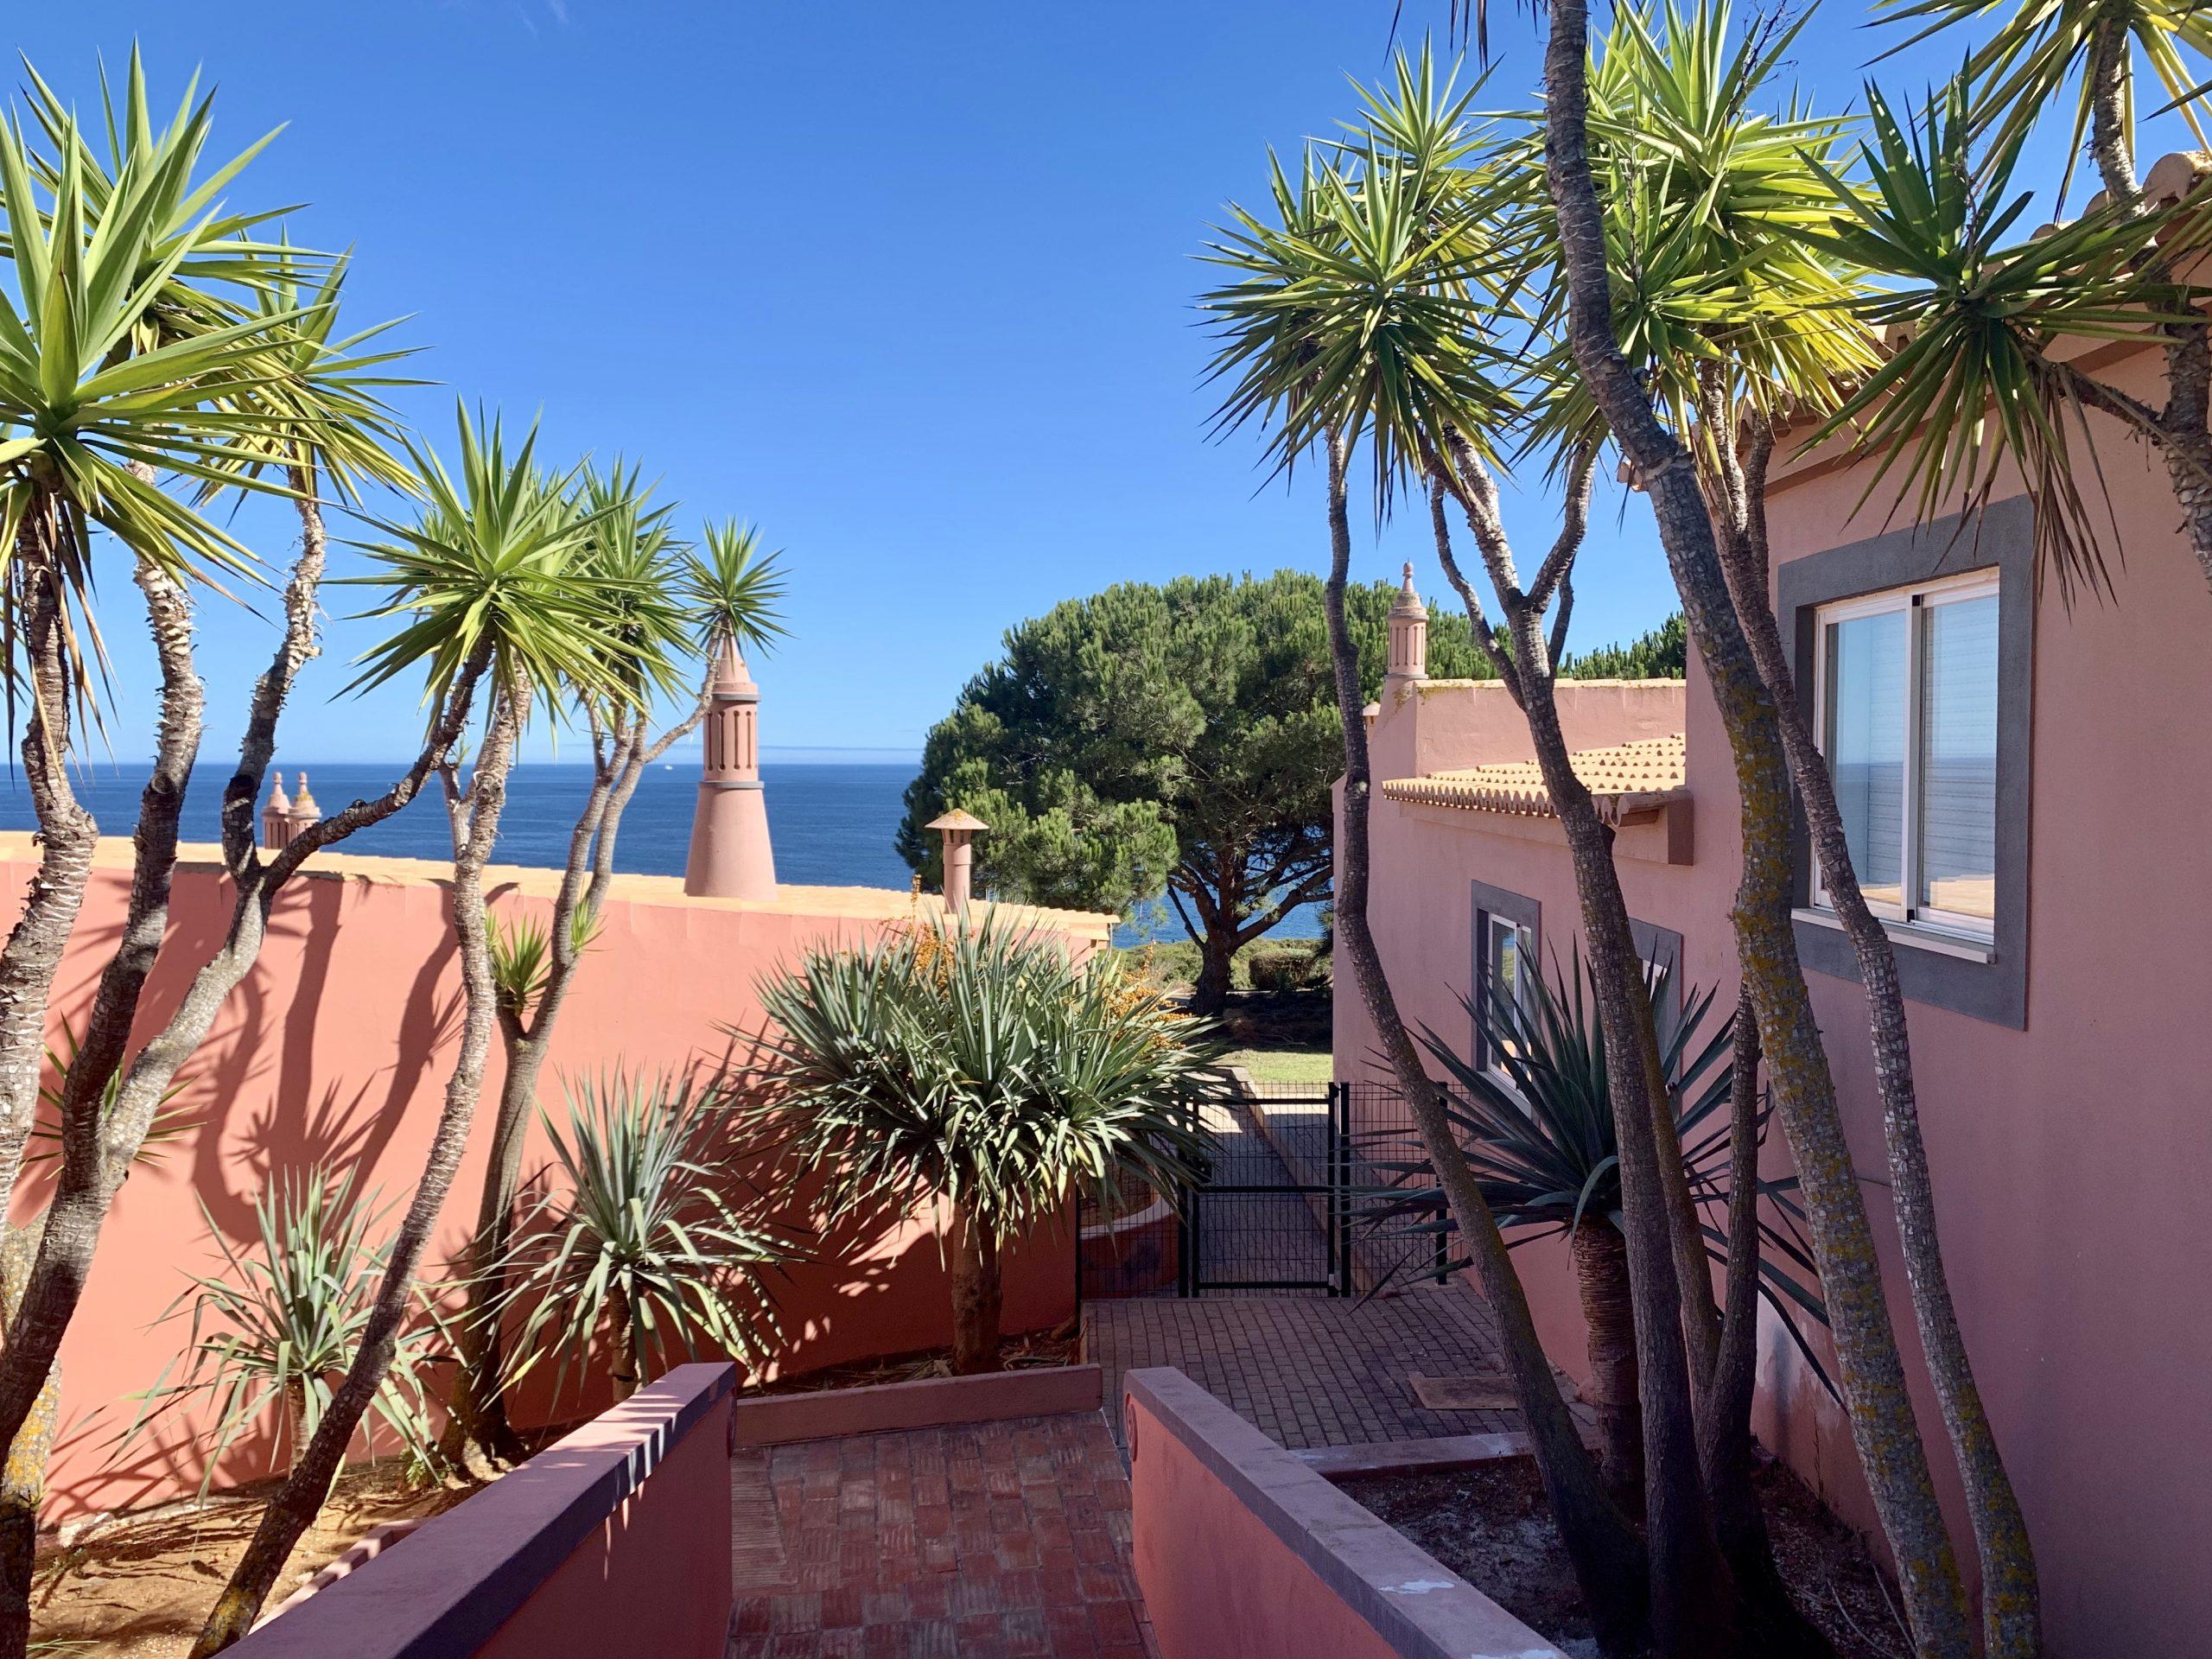 Location appartements et villas de vacance, Maison de vacances praia da Luz face à la mer à Lagos, Portugal Algarve, REF_IMG_2627_17918